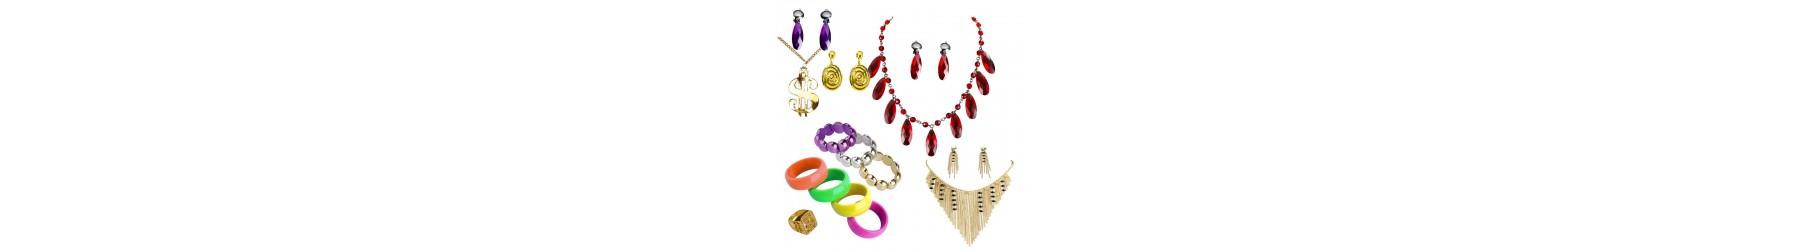 Αποκριάτικα Κοσμήματα, Κολιέ Βραχιόλια σκουλαρίκια και δακτυλίδια